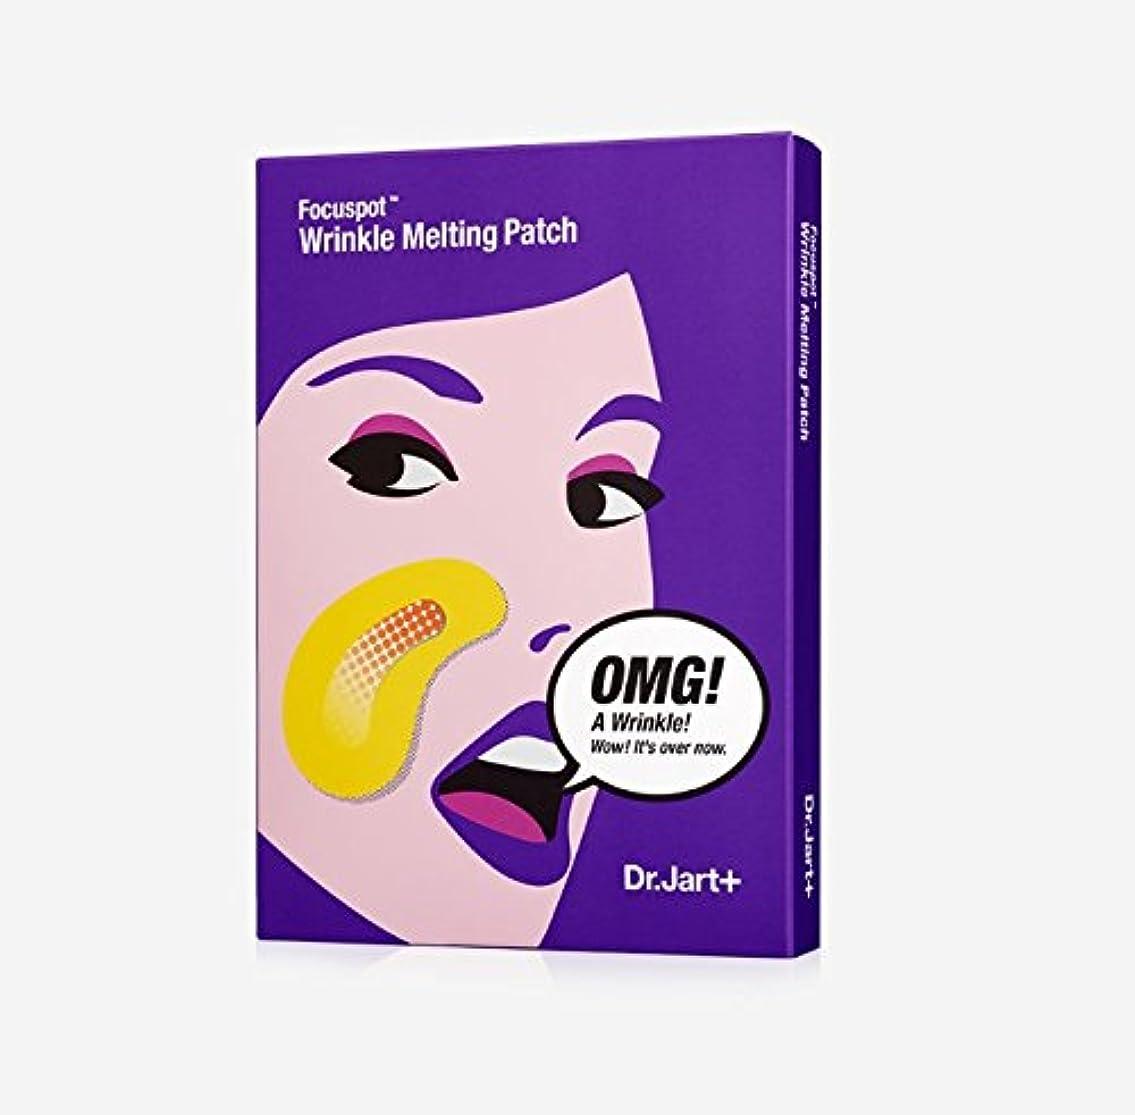 マオリフィラデルフィア住居[Dr.Jart+] ドクタージャルトゥ ポーカースポット リンクル メルティング パッチ 5回分/Focuspot Wrinkle Melting Patch [並行輸入品]